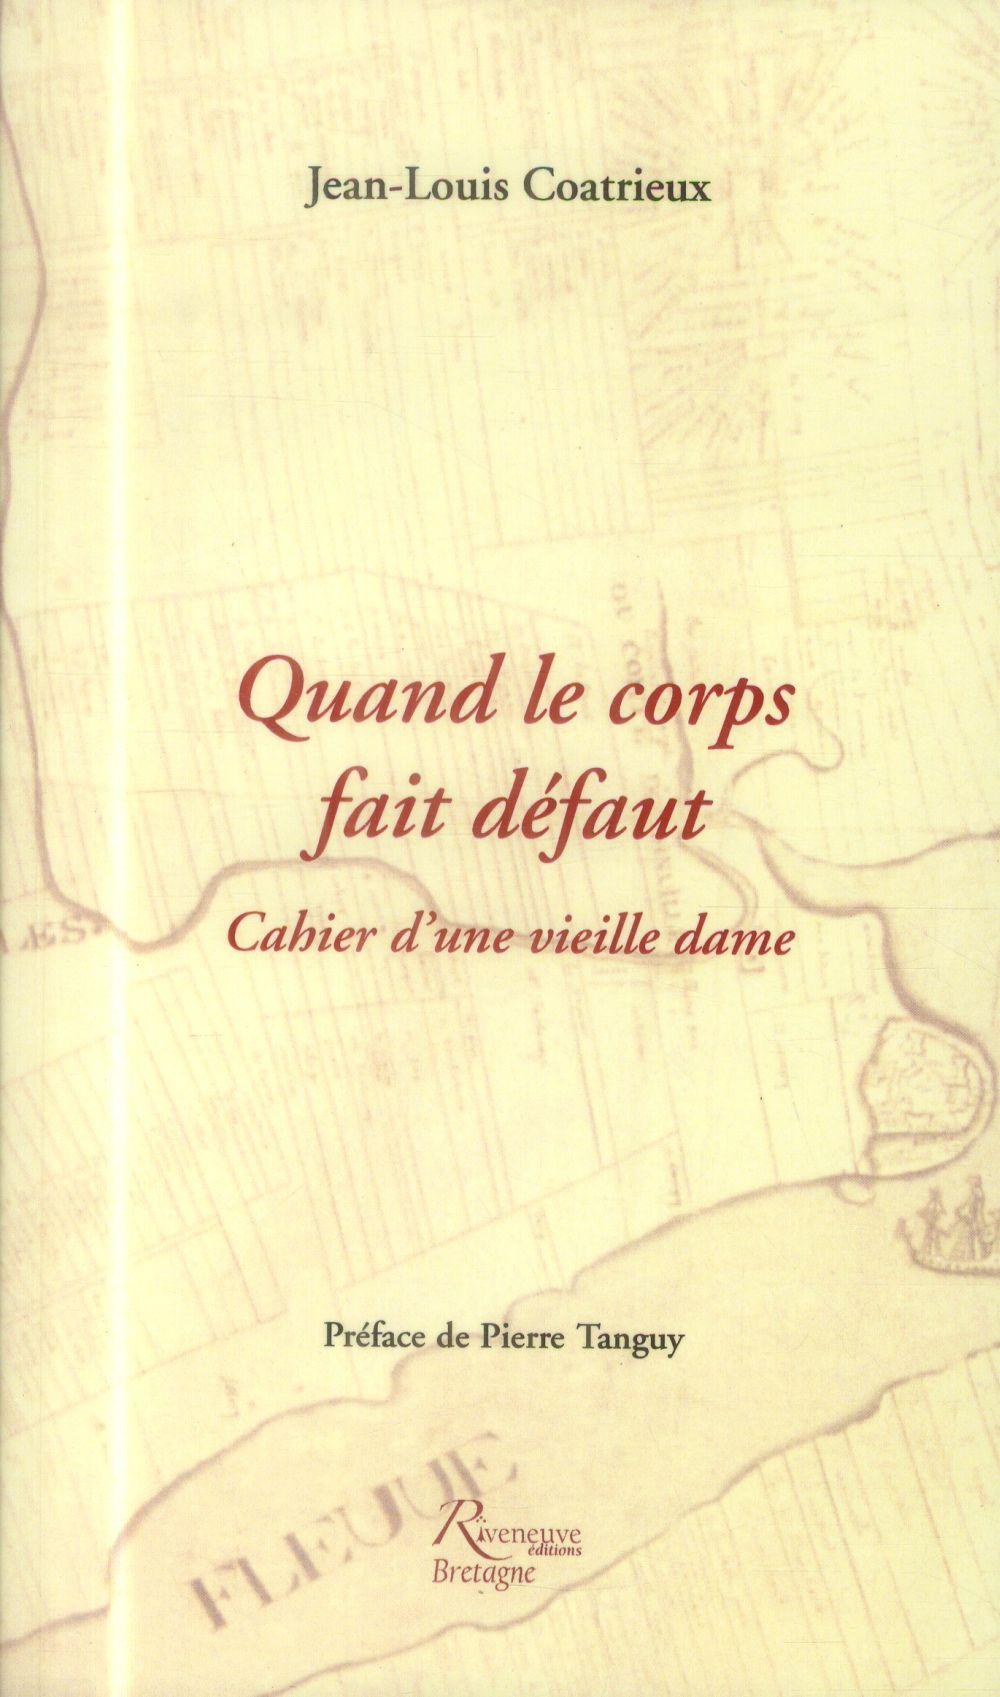 QUAND LE CORPS FAIT DEFAUT. CAHIER D'UNE VIEILLE DAME